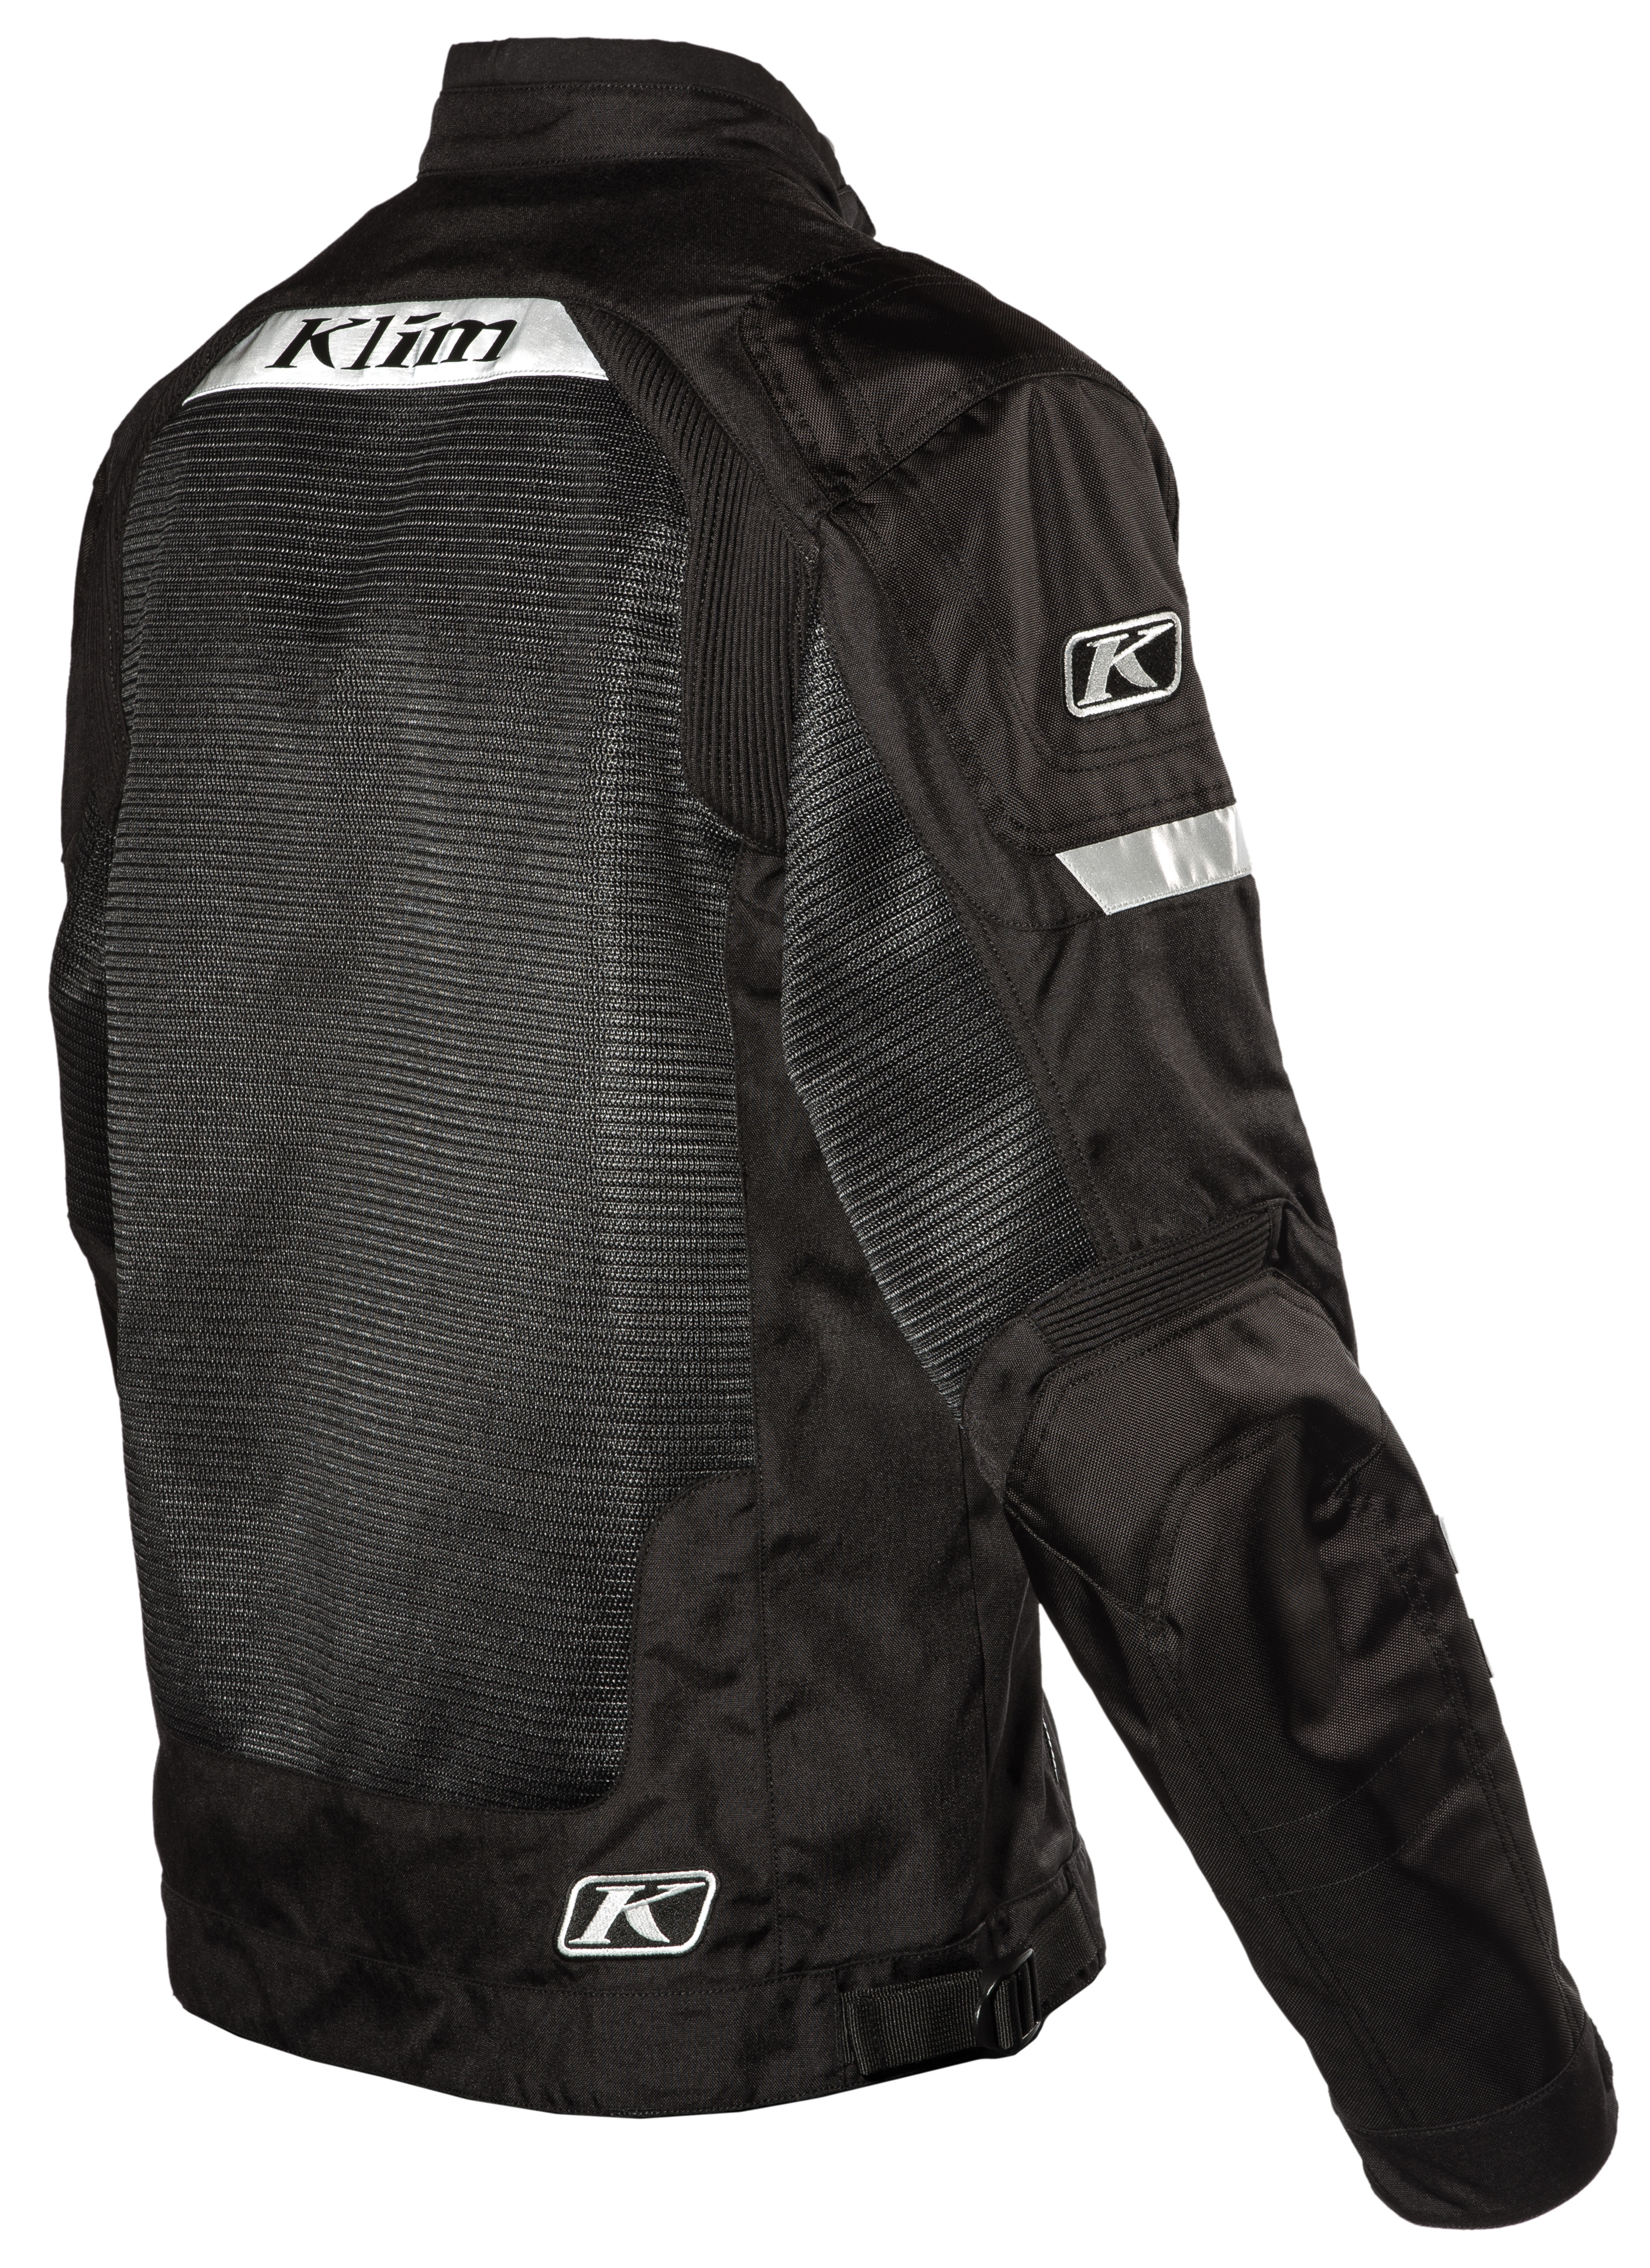 Induction Jacket 5060-000-000-B